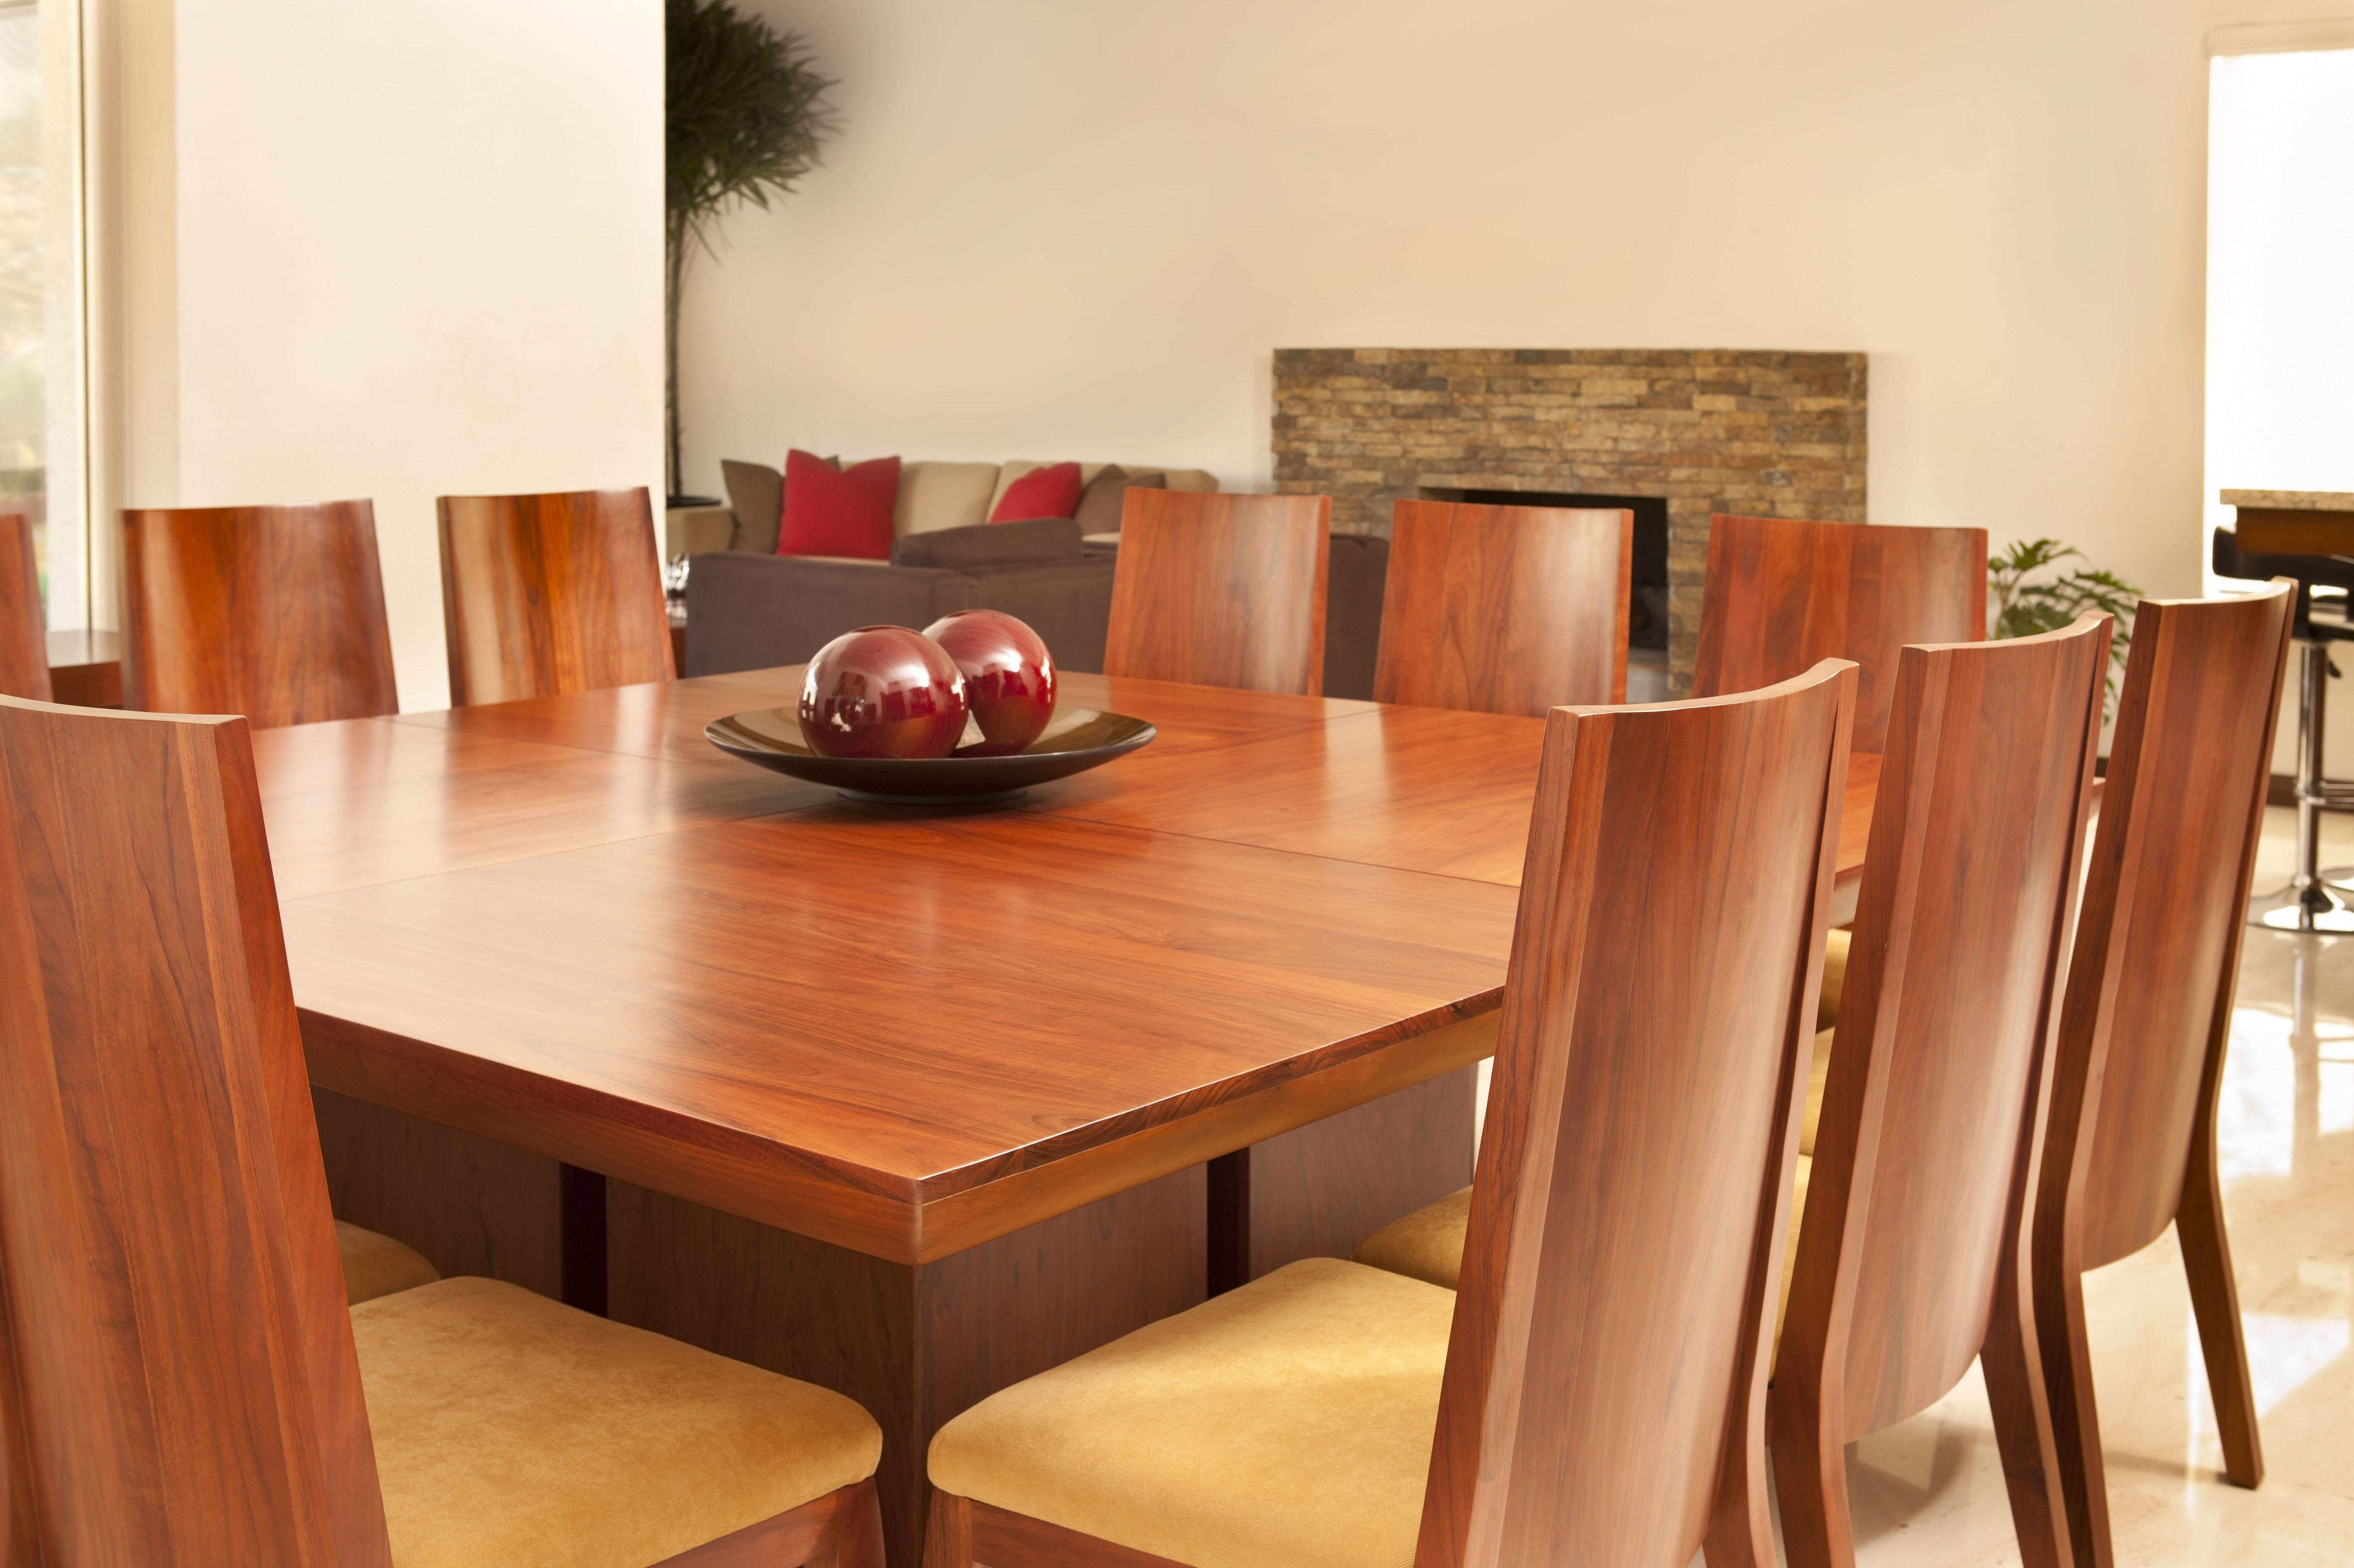 ¿Qué madera debes elegir para los muebles de casa?